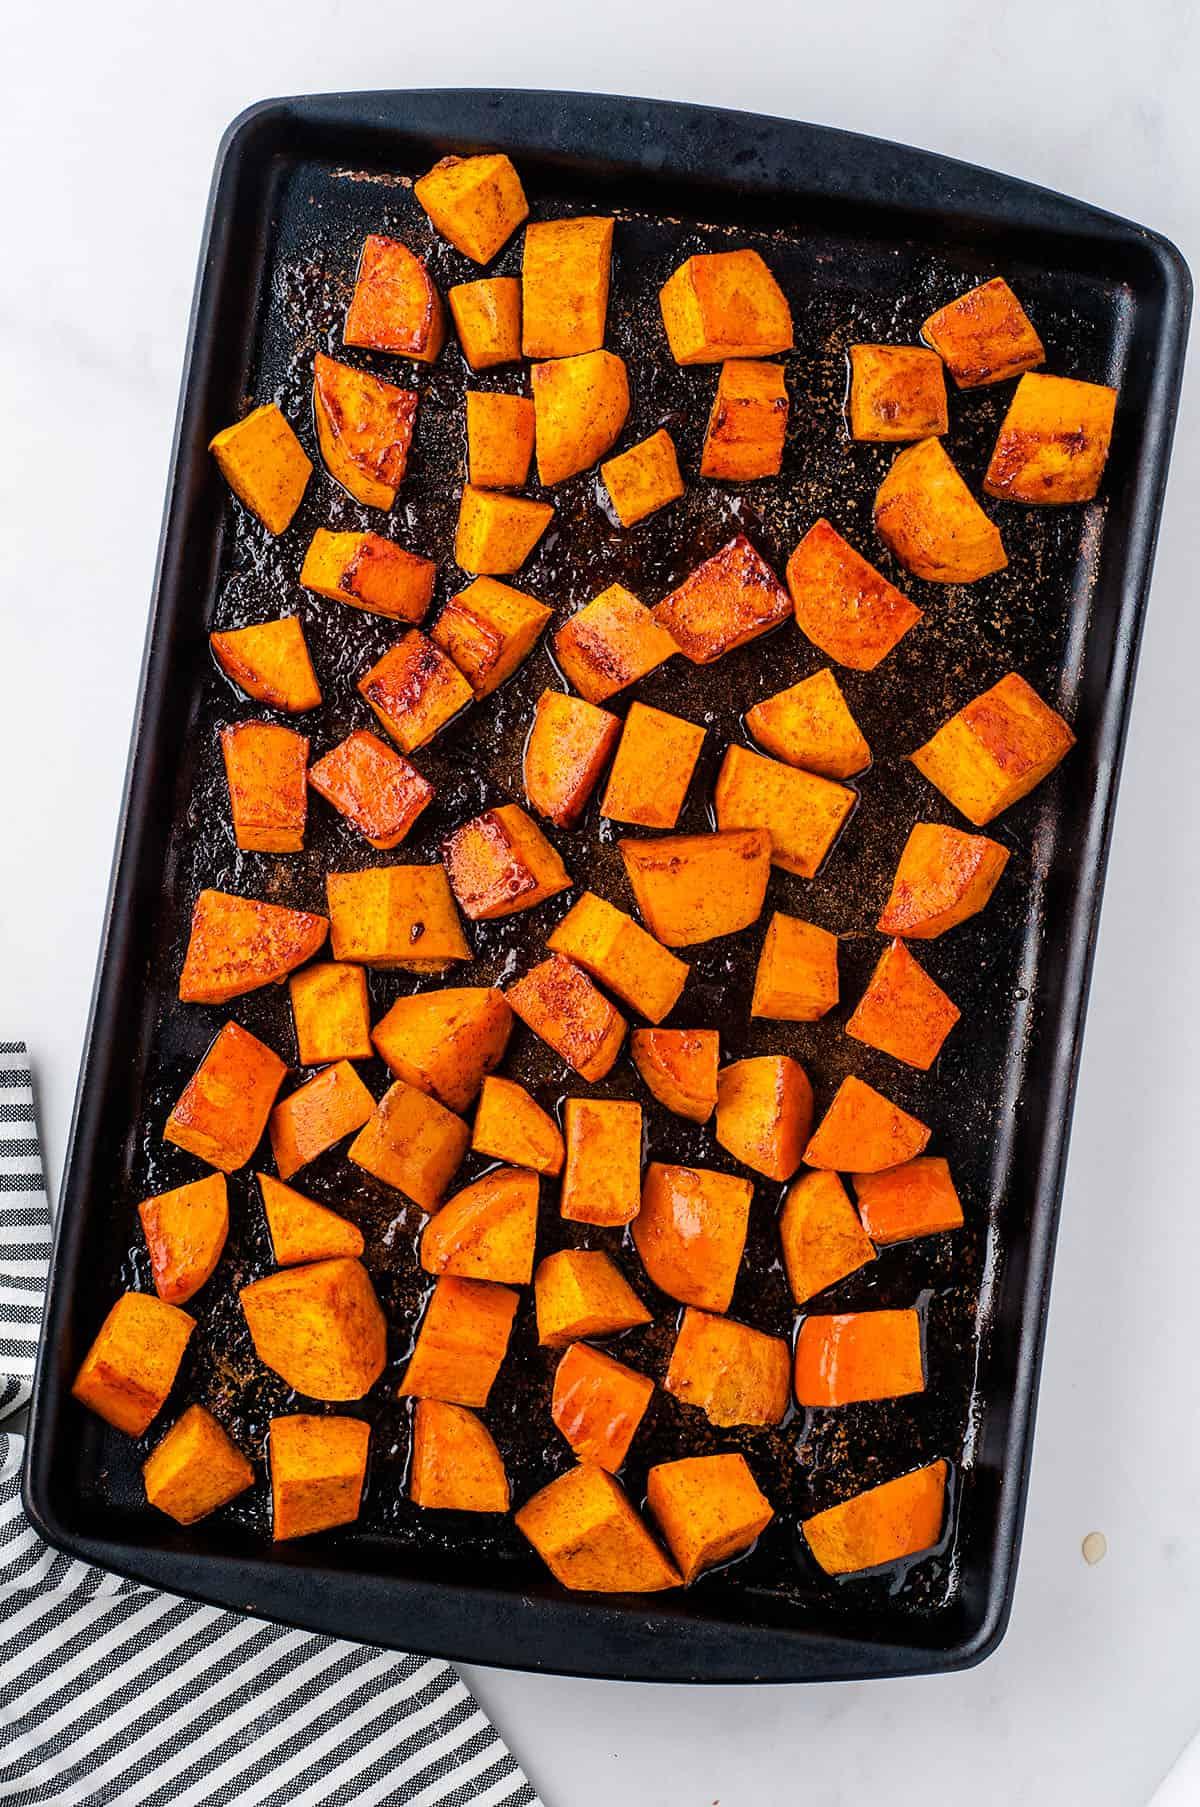 roasted sweet potatoes on sheet pan.